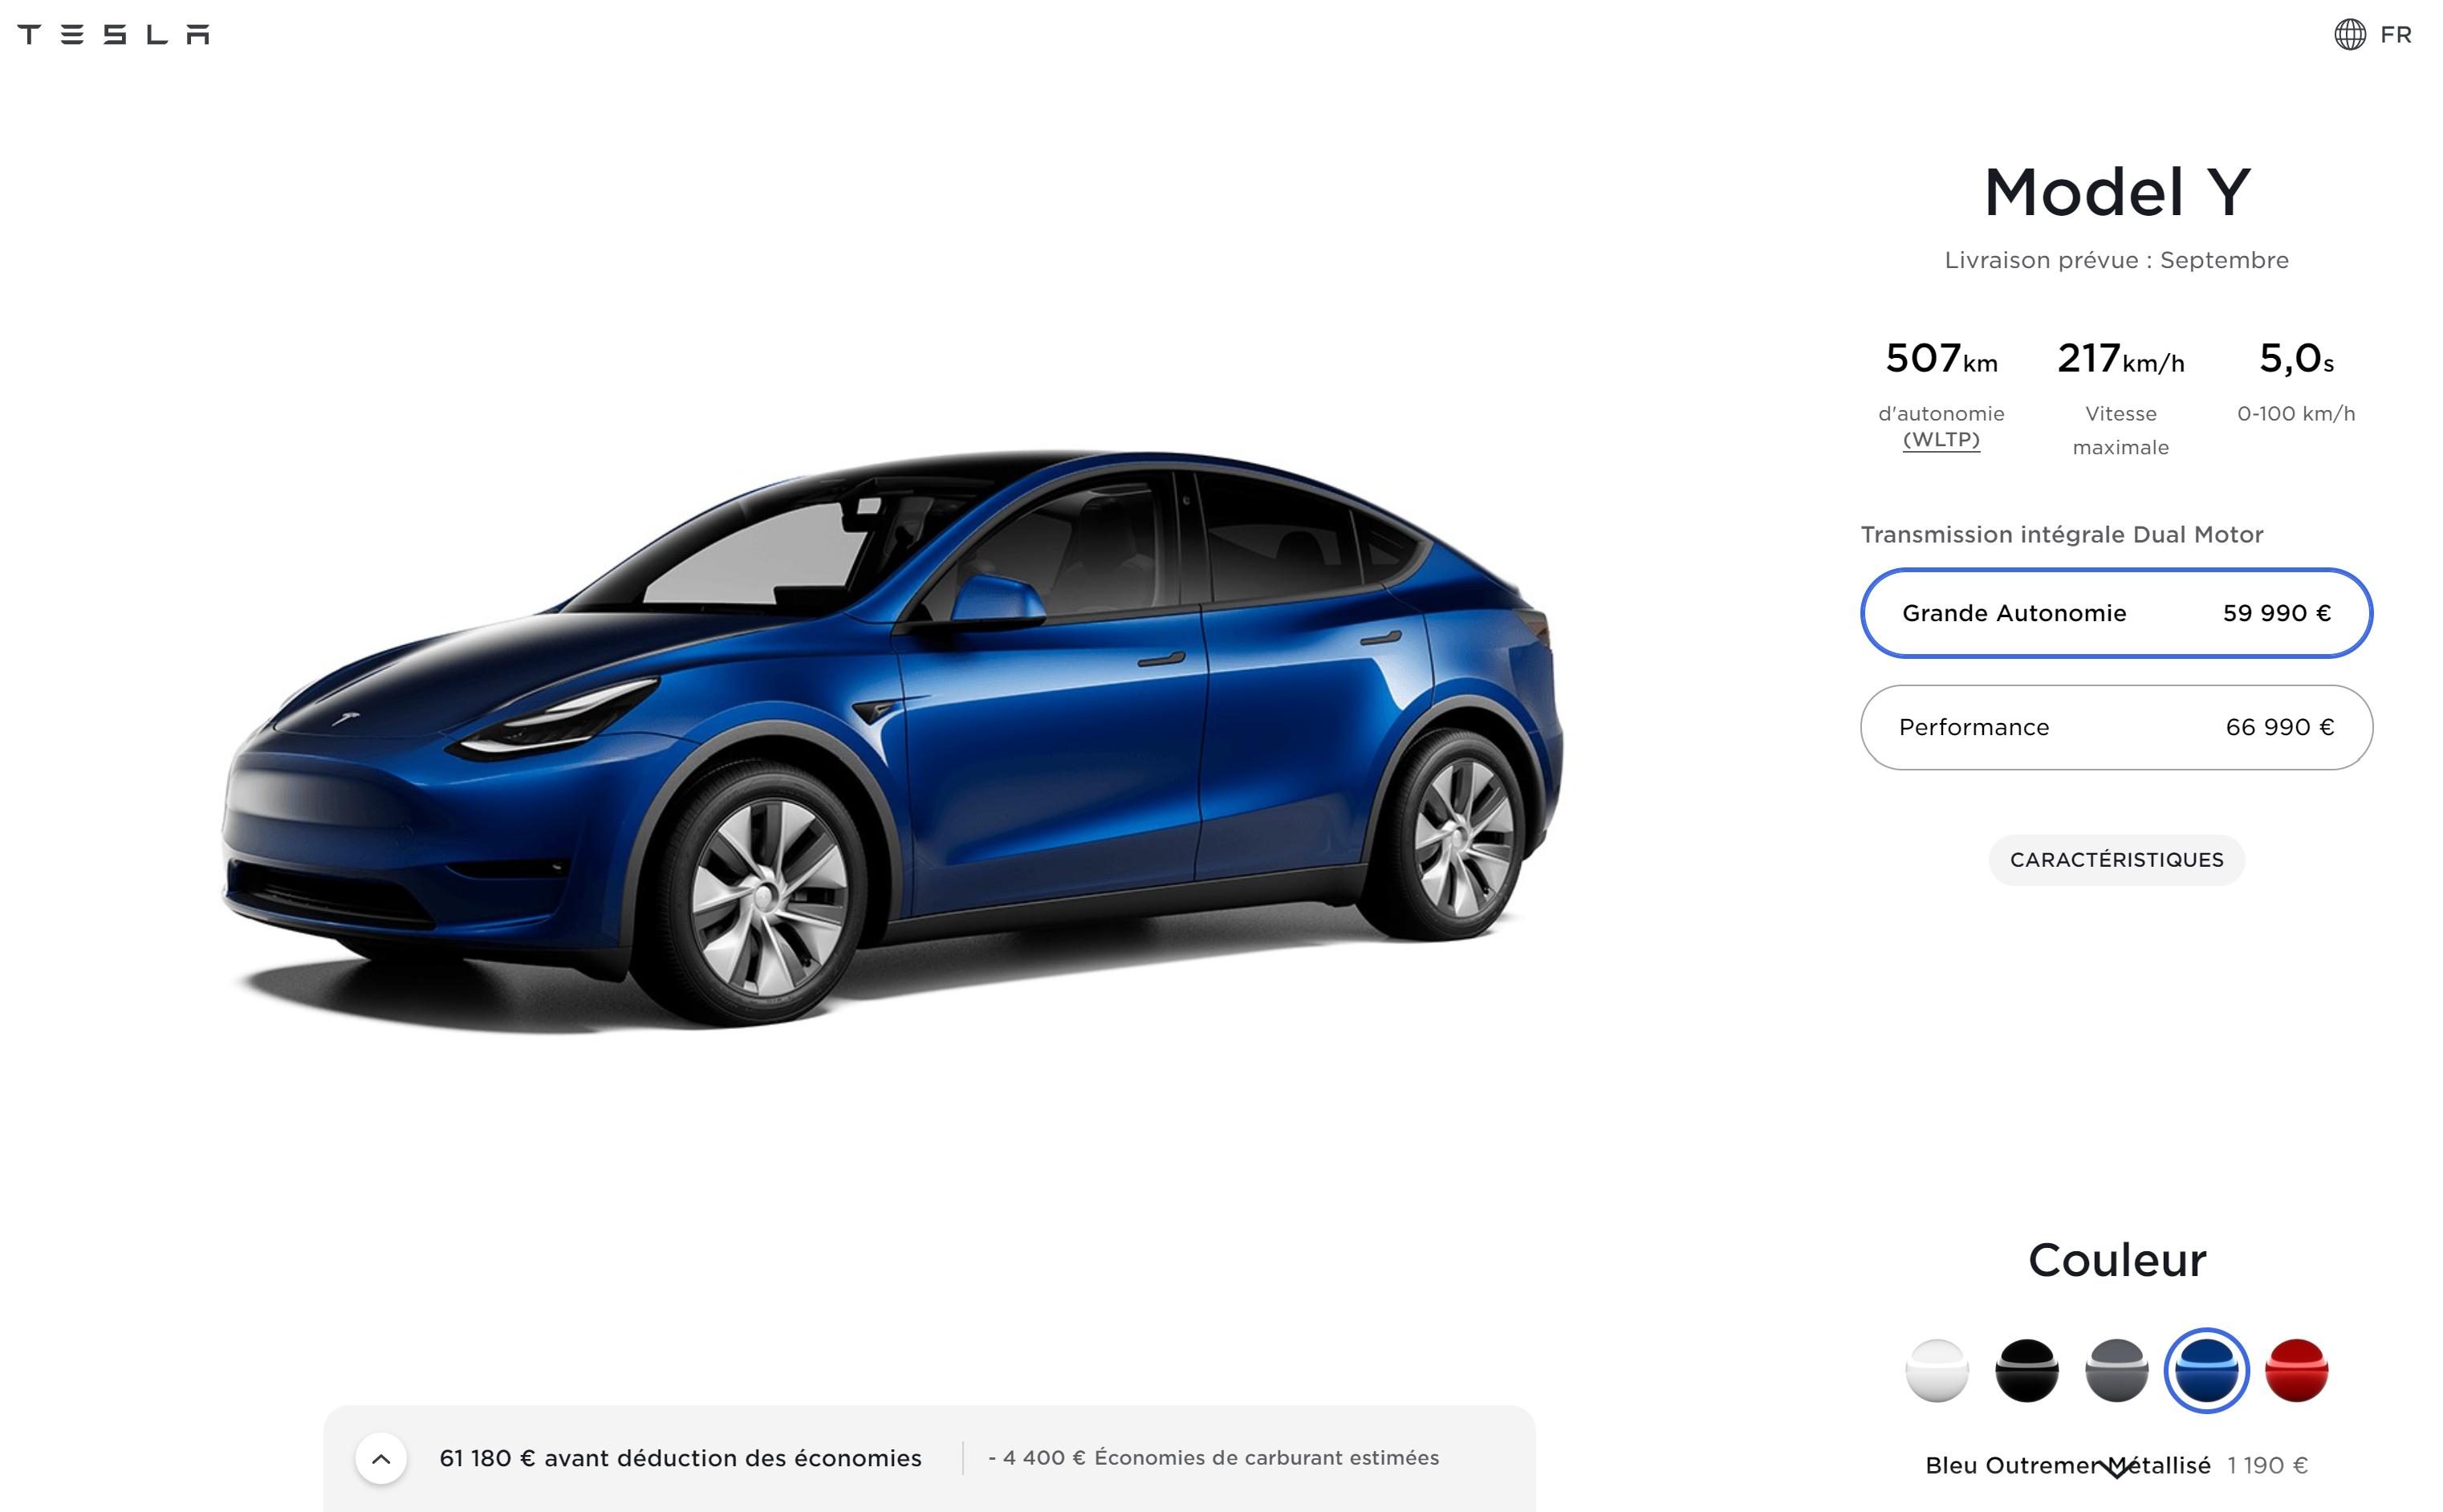 Tesla Model Y configuration